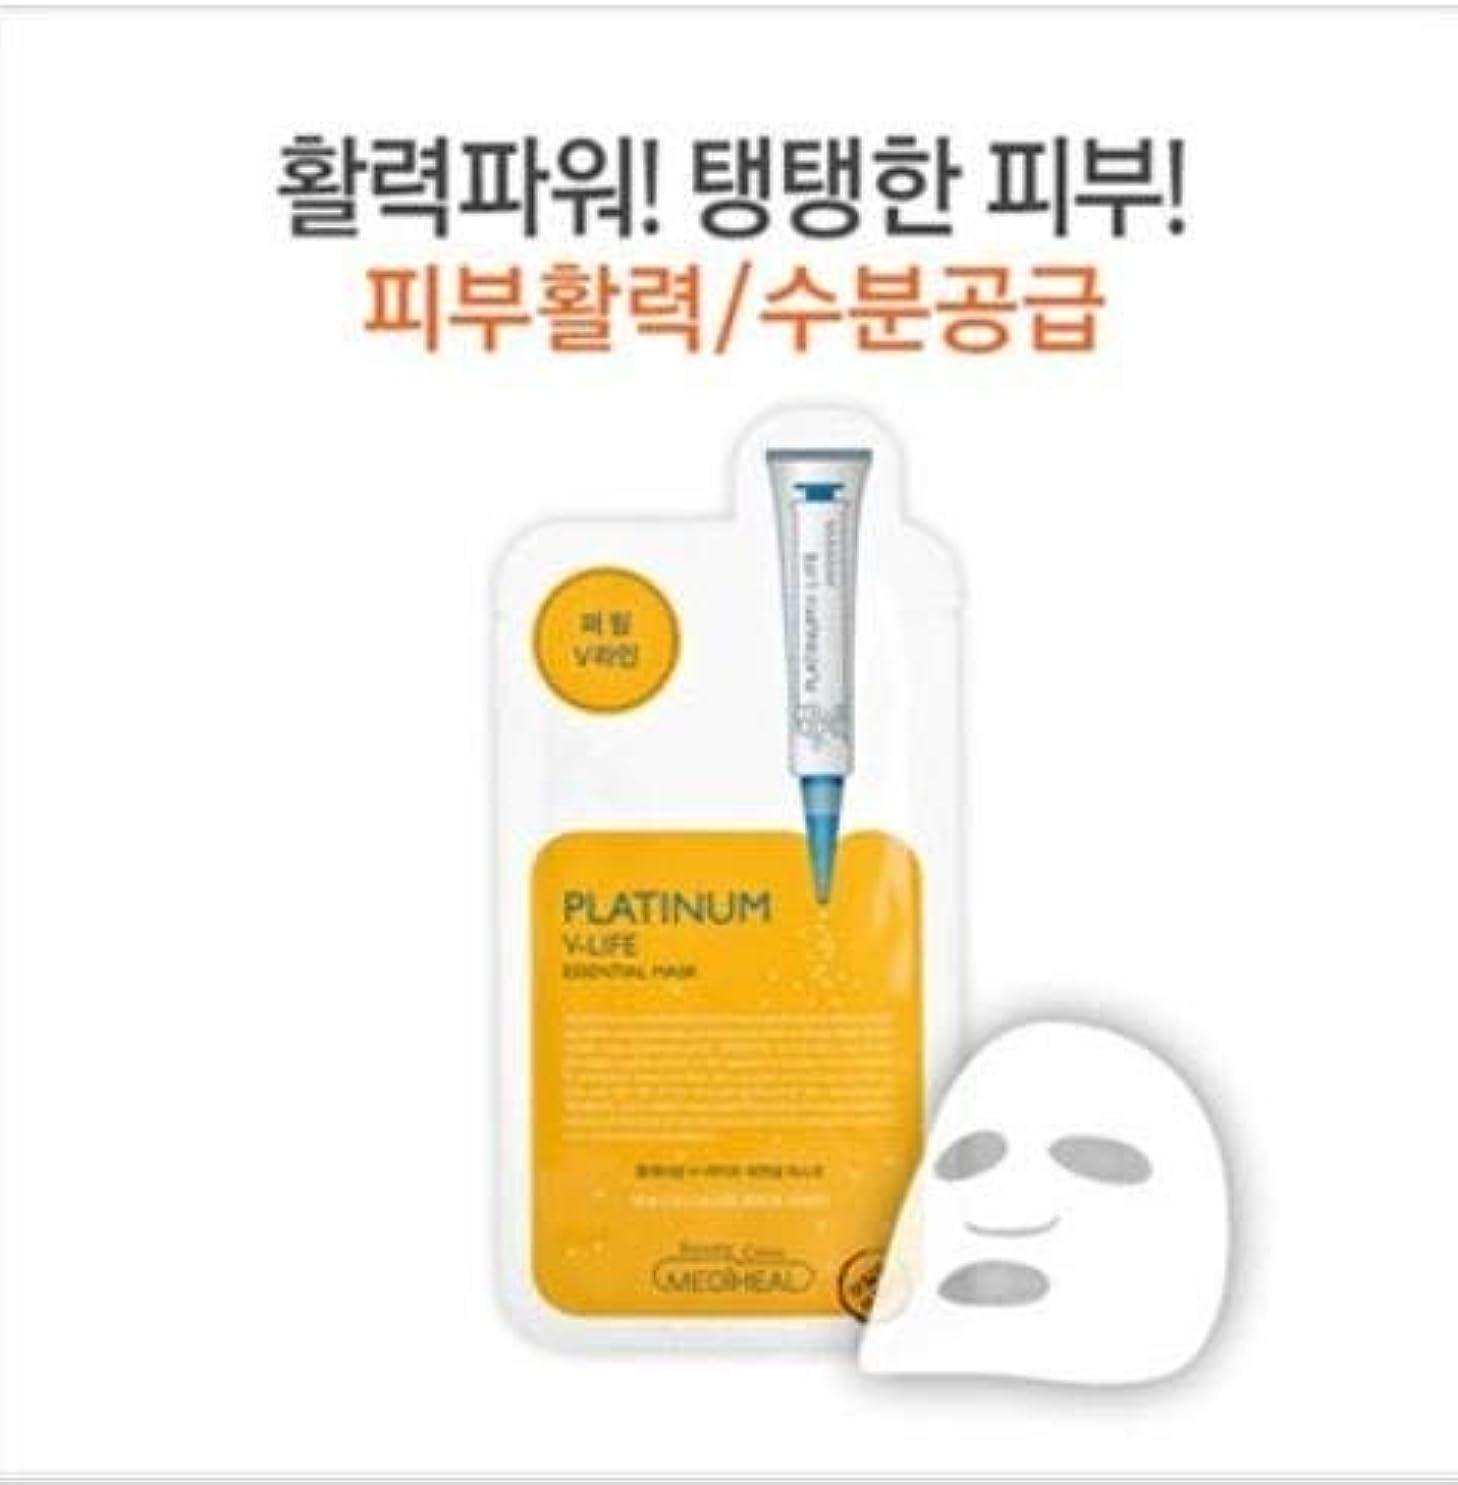 儀式基準正当化する★大人気★[メディヒール] Mediheal [プラチナ V-ライフ エッセンシャル マスク (10枚)] (Platinum V-LIFE Essential Mask (10EA) [並行輸入品]